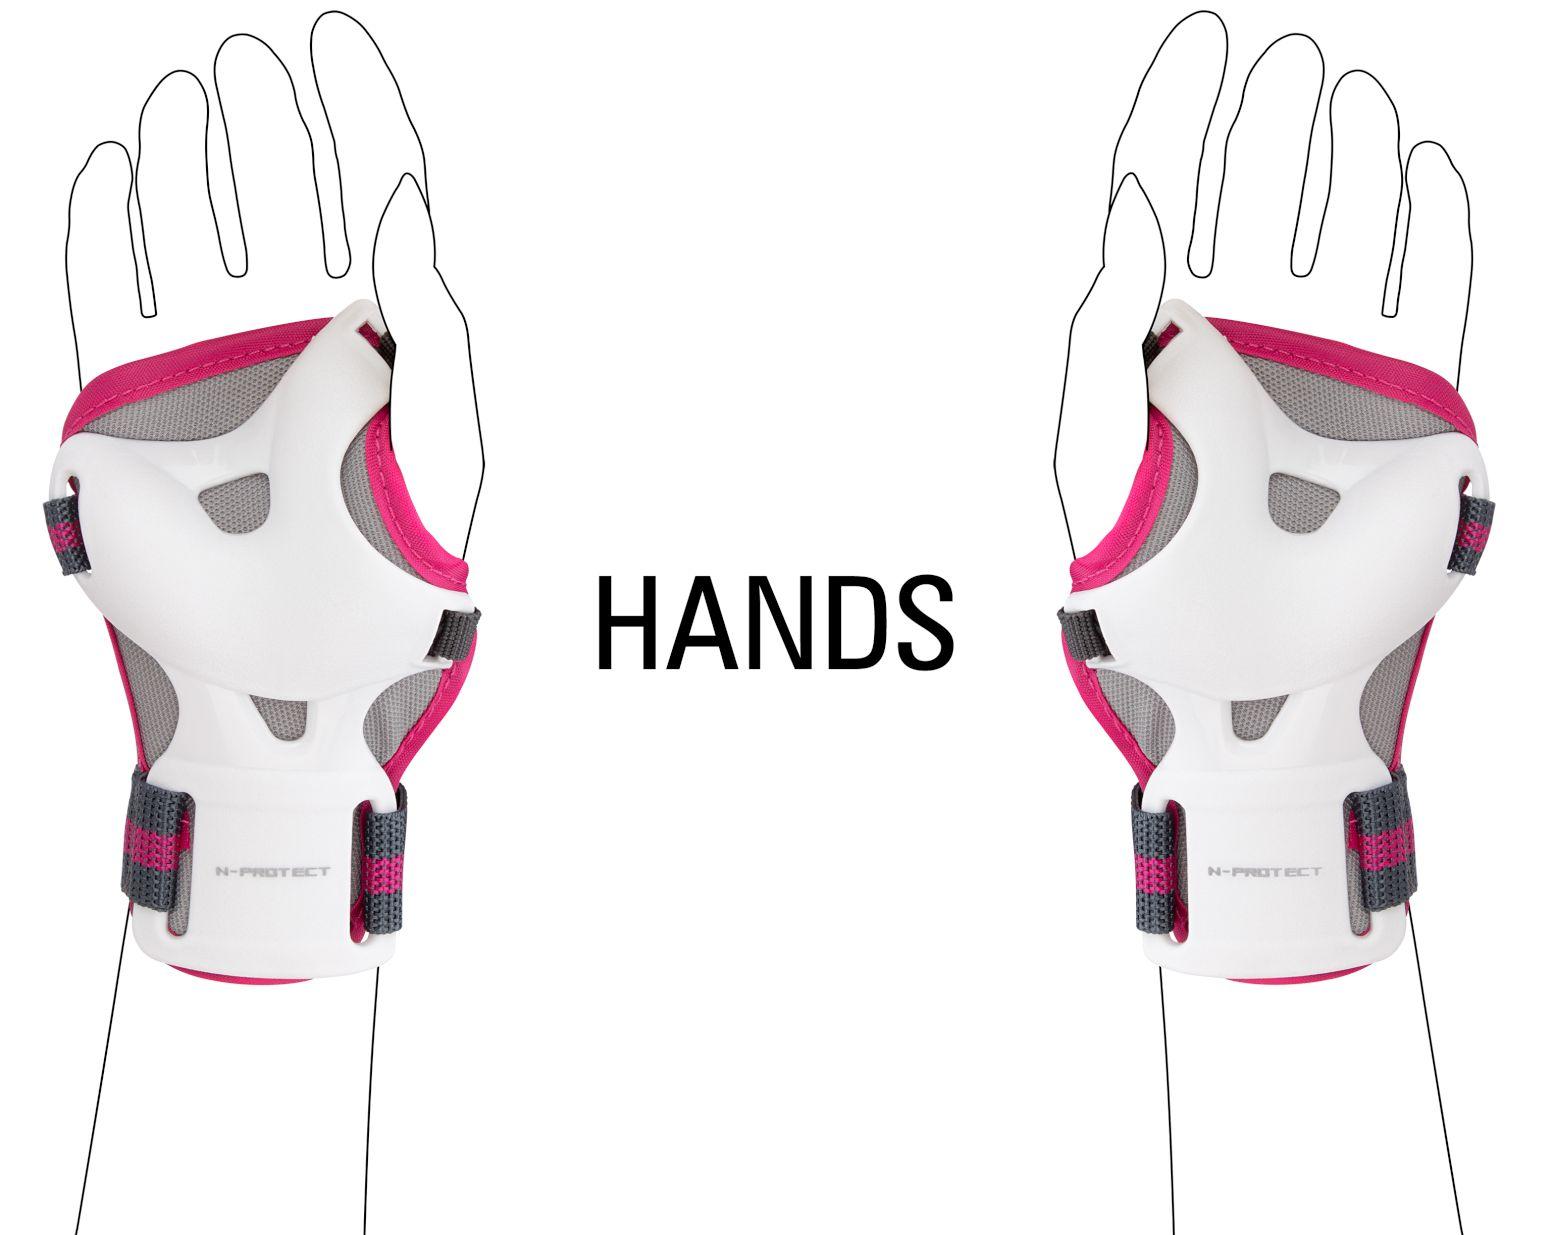 75CM-HANDS